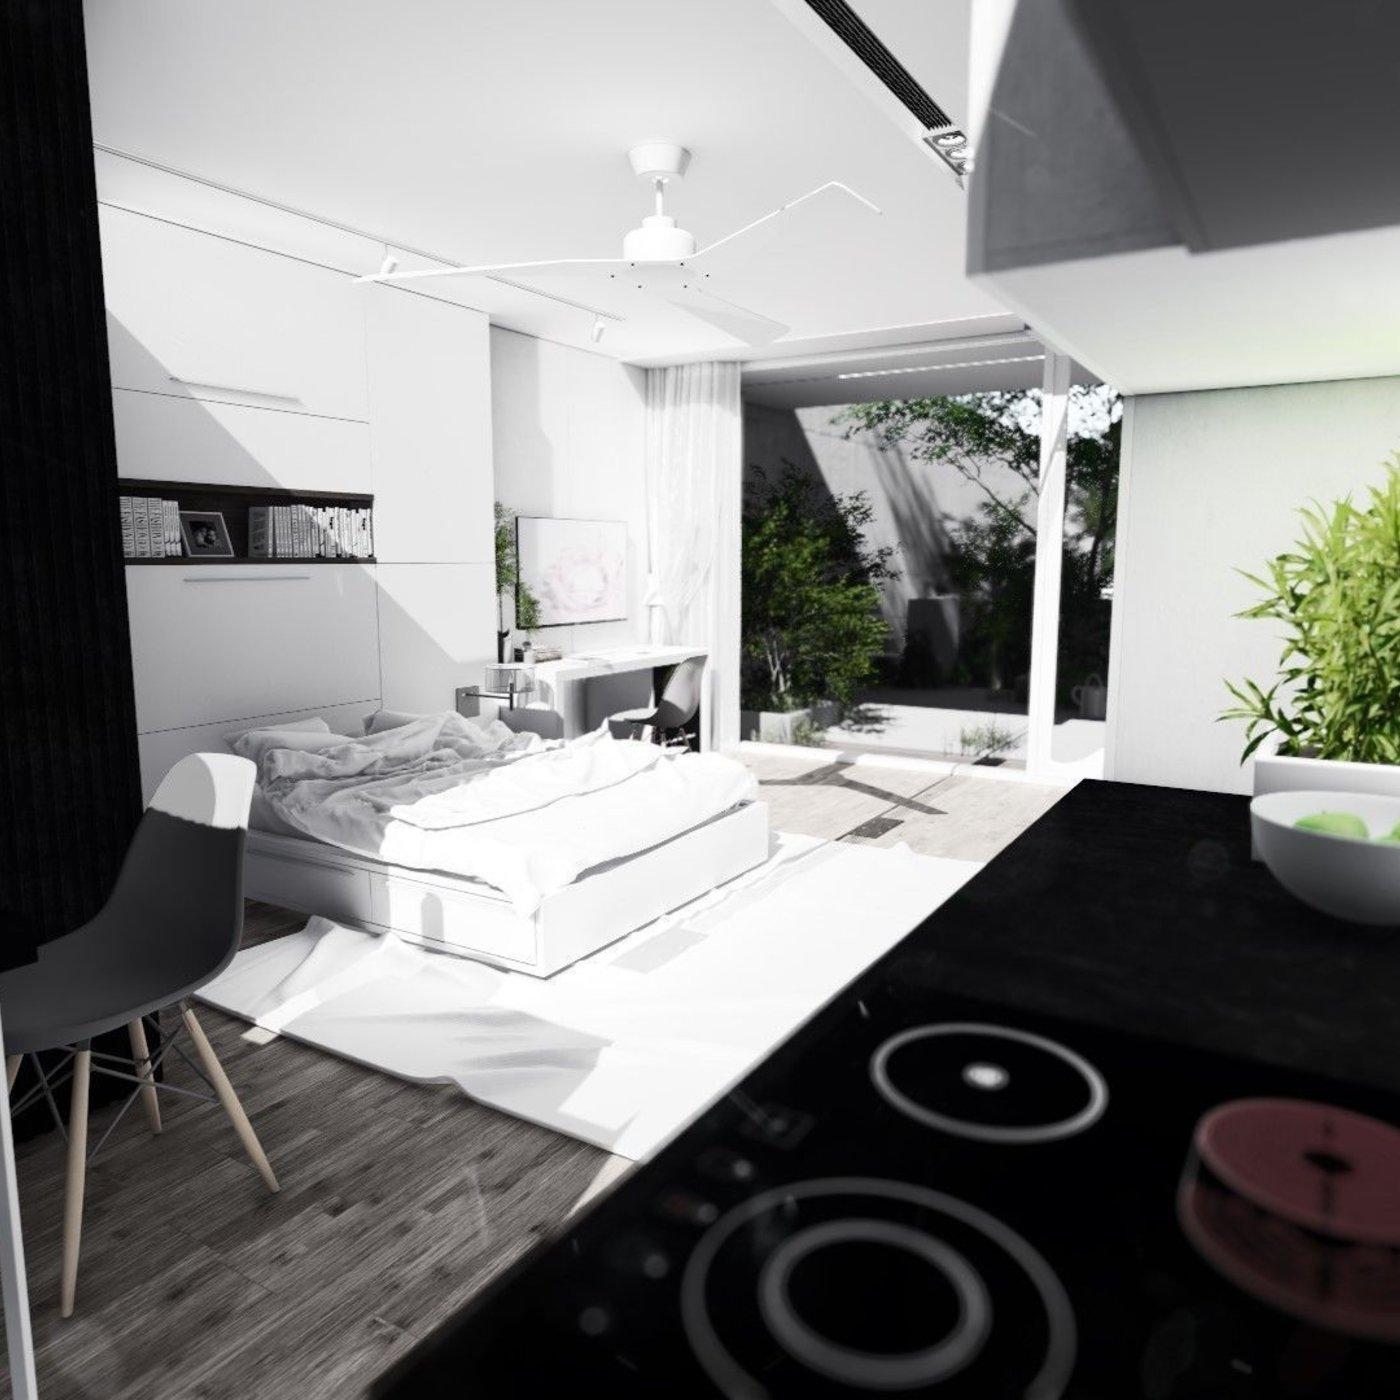 Single-Wohnung Karben Burg-Gräfenrode, Wohnungen für Singles bei blogger.com